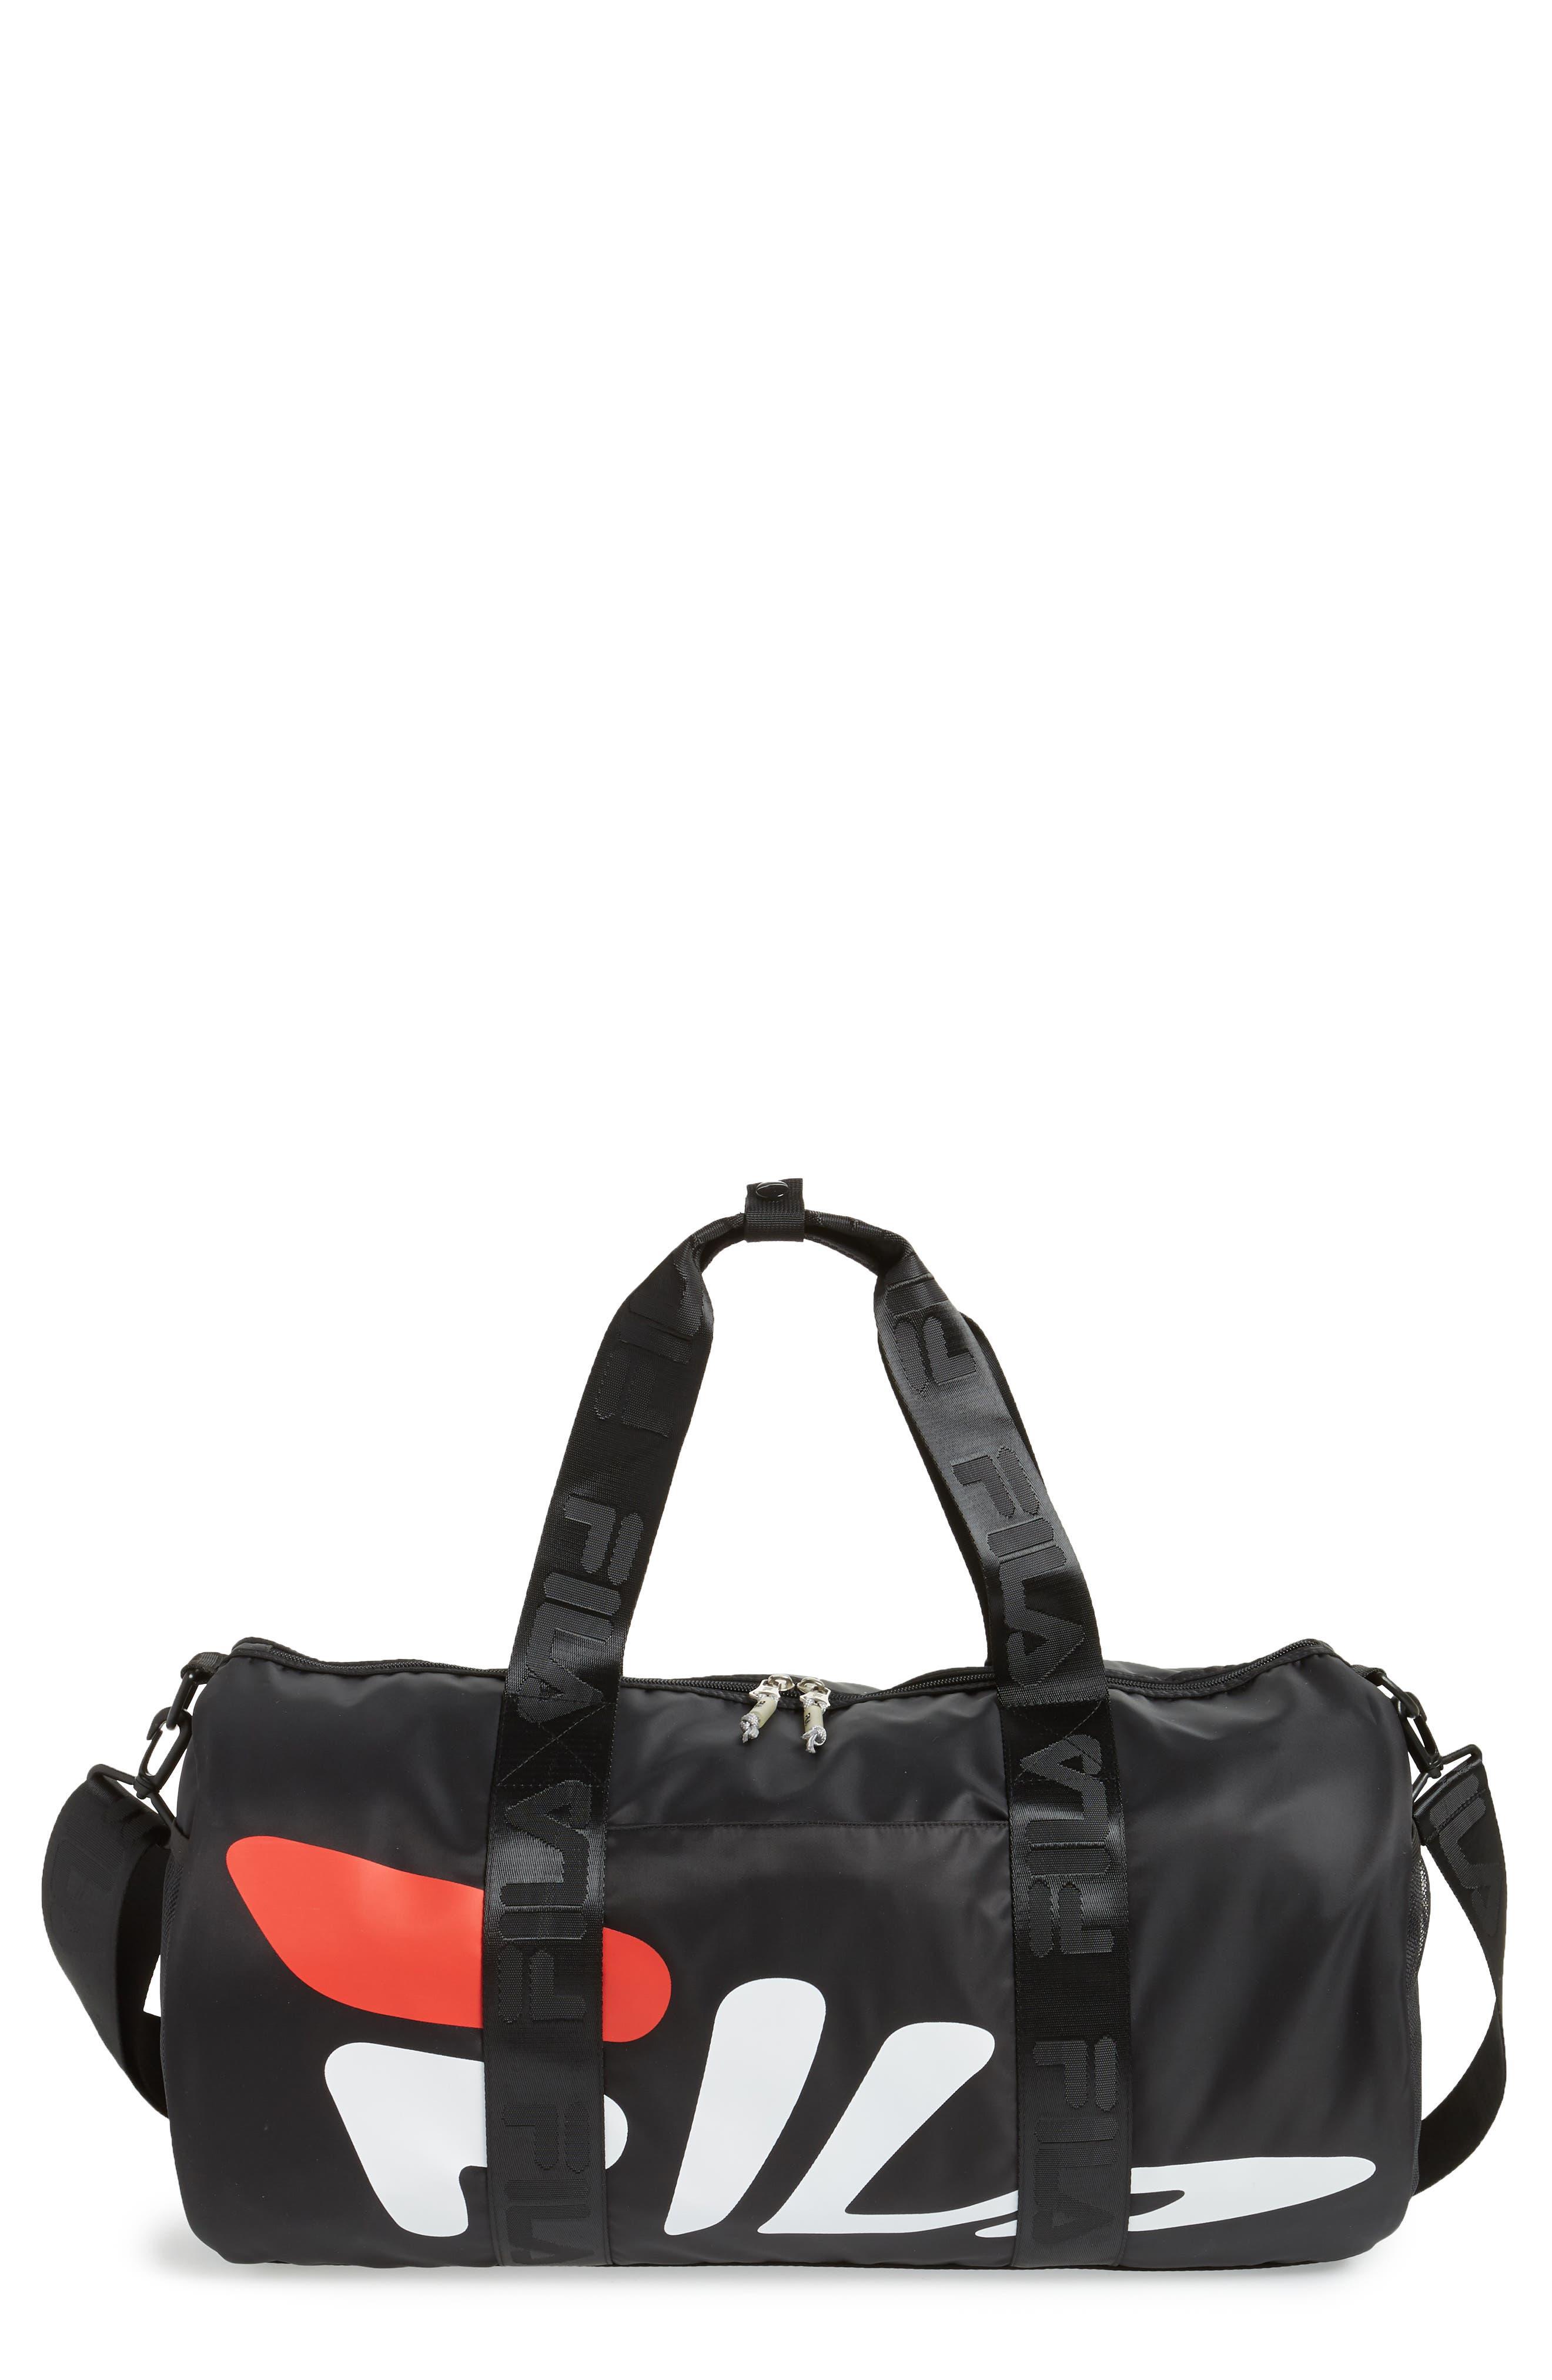 Anderson Duffel Bag,                         Main,                         color,